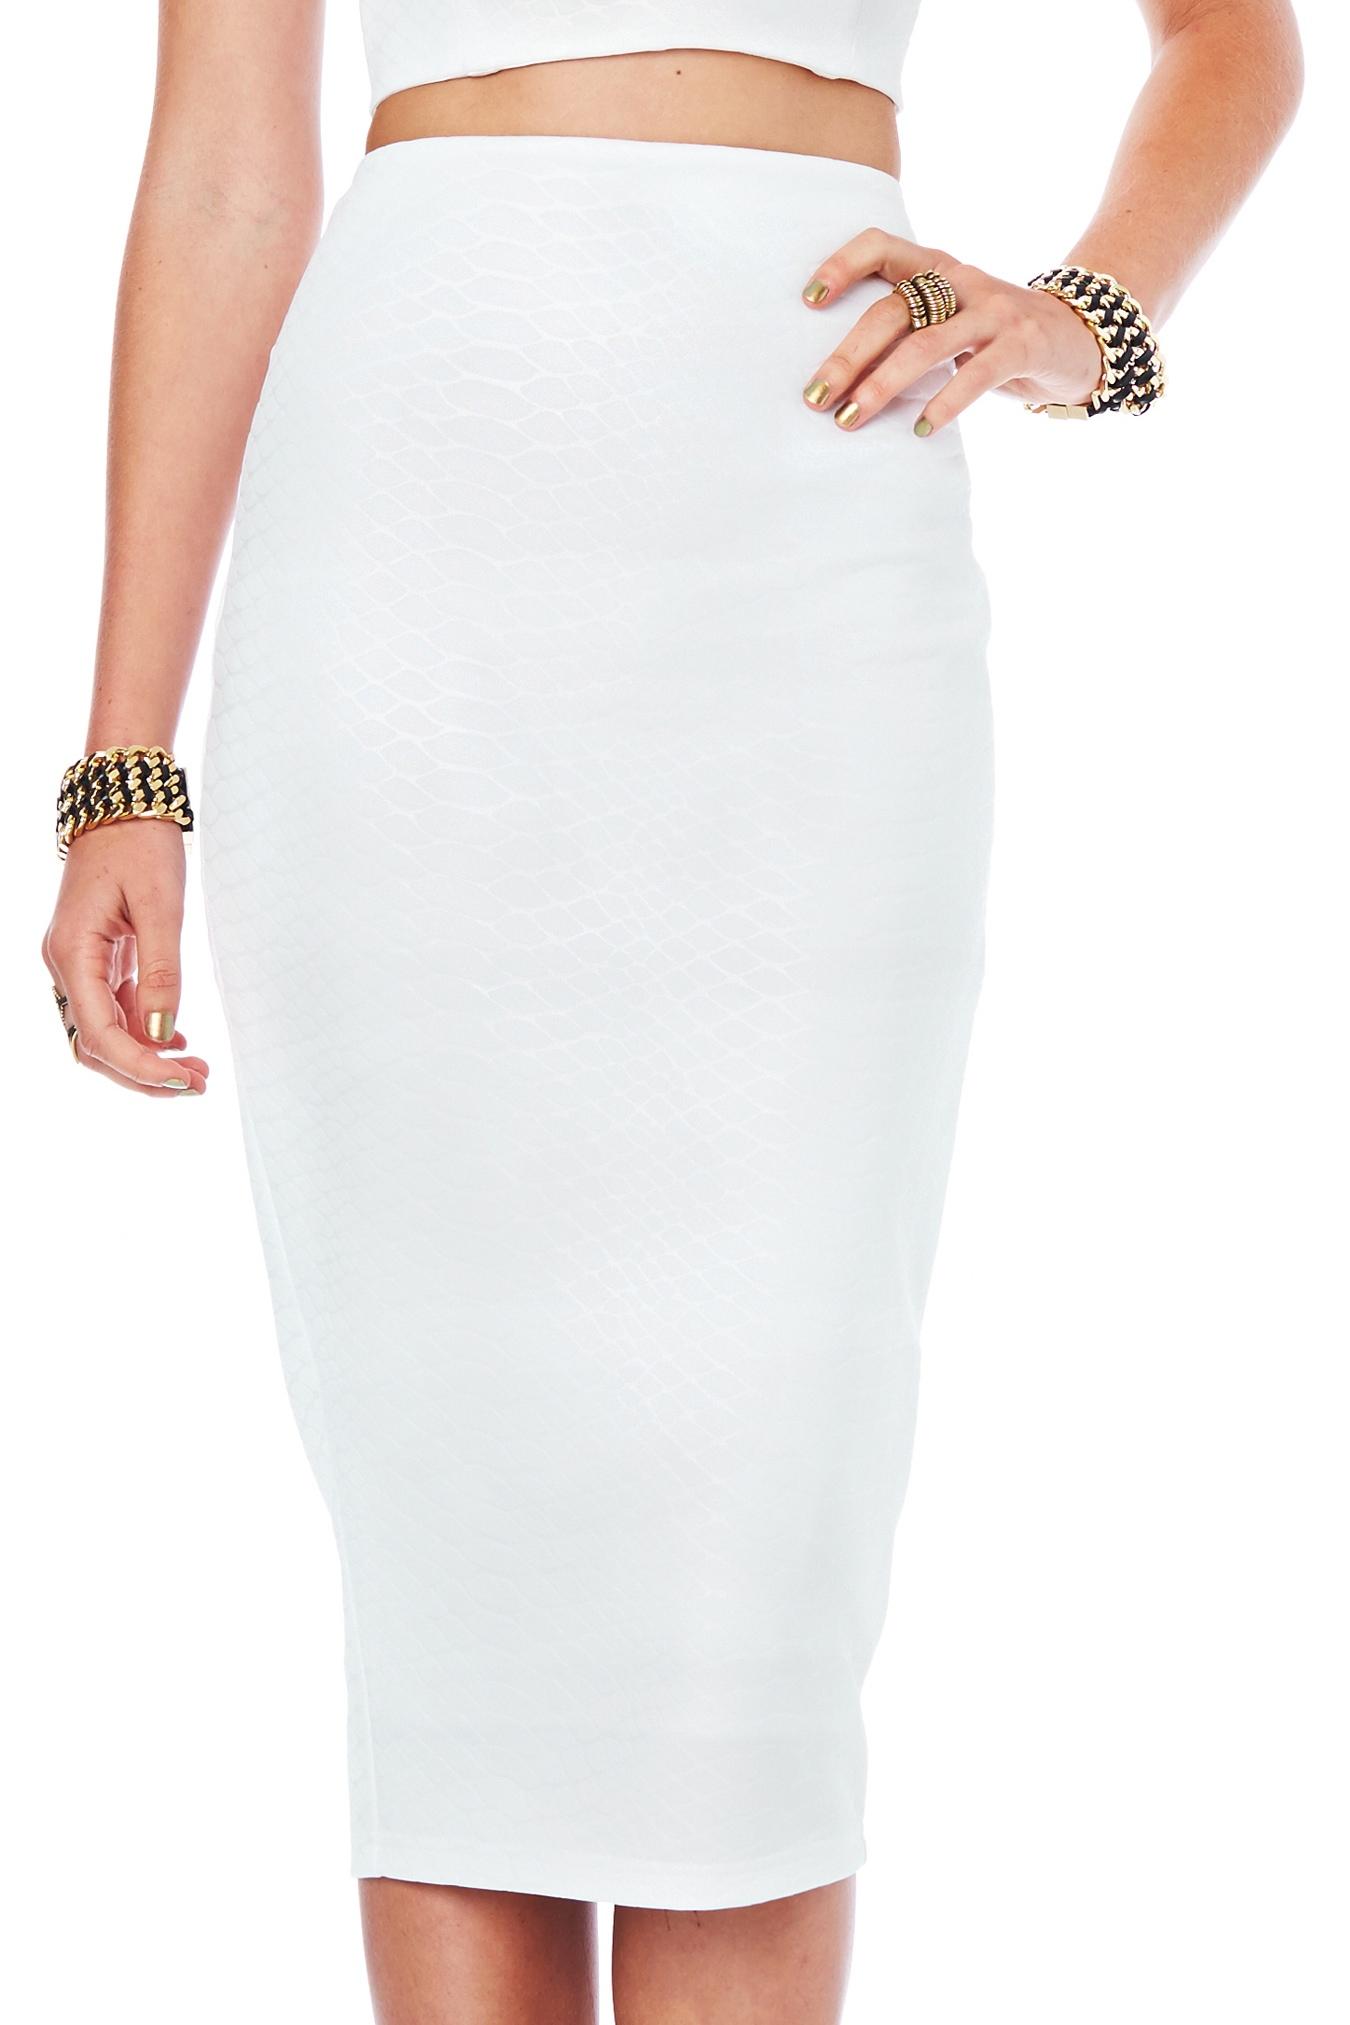 white pencil skirt white snake eyes pencil skirt : buy designer dresses online at nookie livhyqp